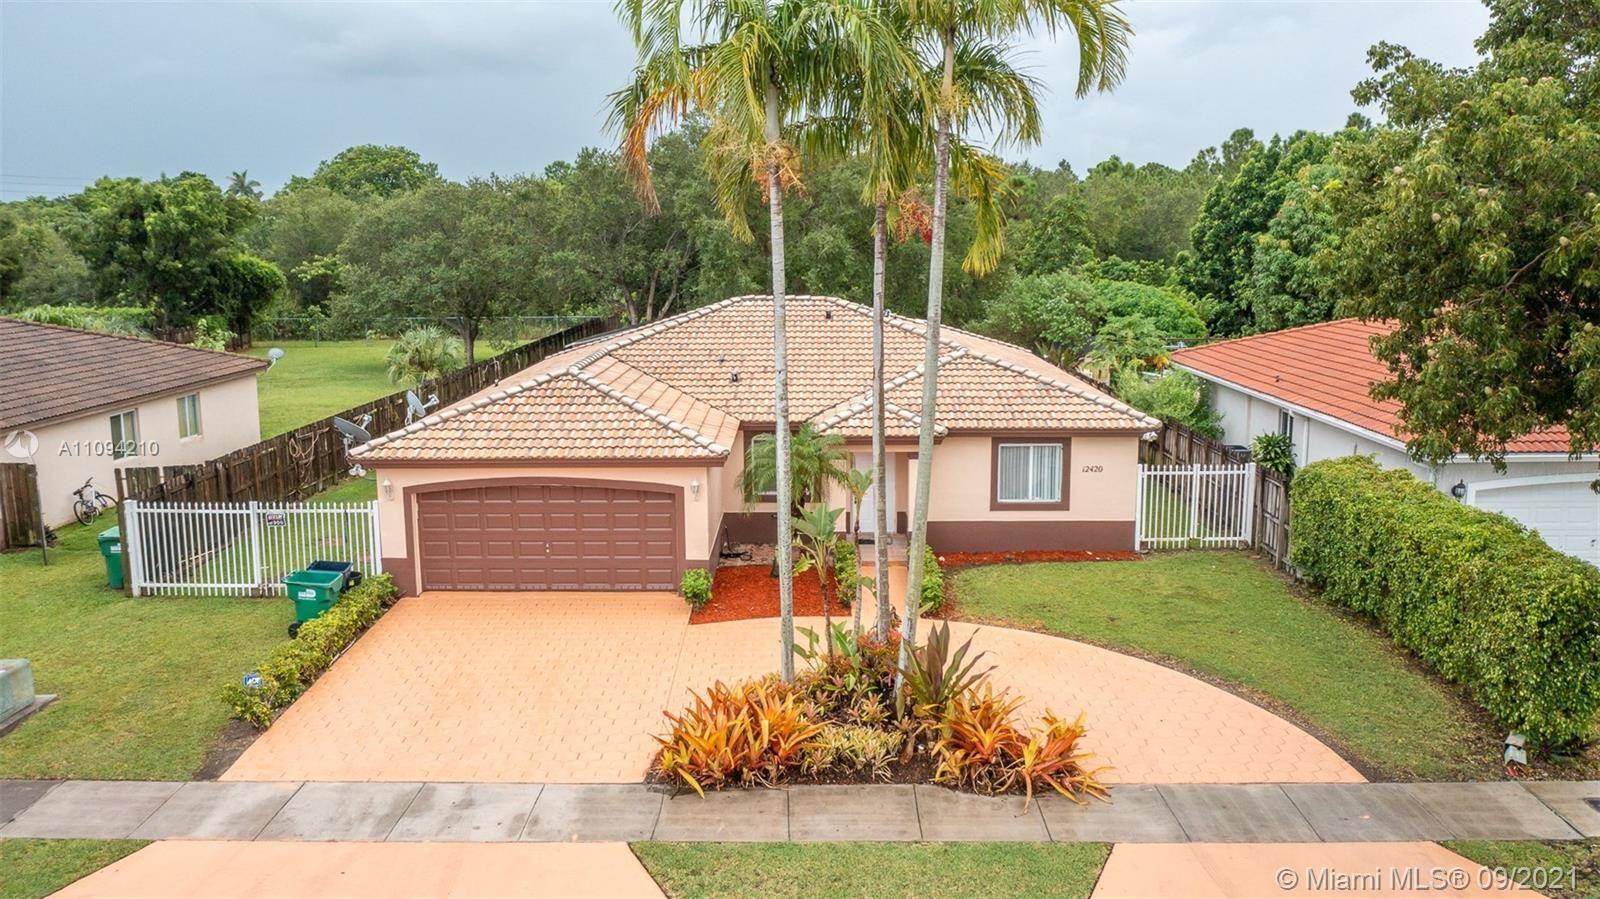 12420 SW 220th St, Miami, FL 33170 - #: A11094210